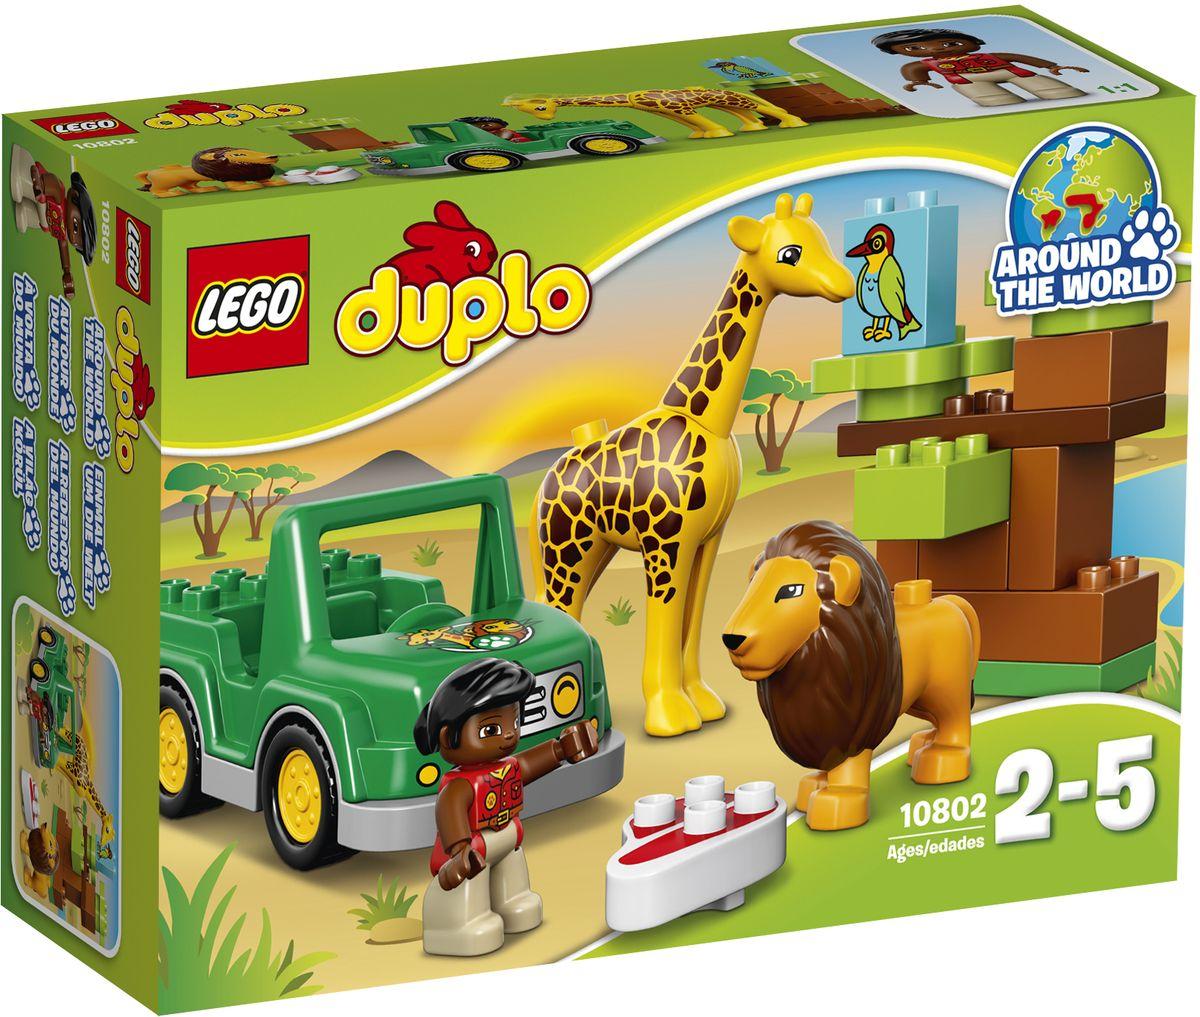 LEGO DUPLO Конструктор Вокруг света Африка 1080210802Конструктор LEGO DUPLO Вокруг света Африка приведет в восторг любого ребенка, ведь все дети обожают знаменитые конструкторы LEGO. Конструктор содержит 18 пластиковых элементов. Маленькие любители животных будут часами увлечённо играть, придумывая всё новые приключения в саванне! Им предстоит так много узнать об удивительных животных, которые здесь живут. Сборные деревья развивают основные навыки конструирования и создают ландшафт для бесконечных приключений. В набор входят фигурка человечка, а также лев и жираф. С яркими цветными кубиками LEGO DUPLO, разработанными специально для начинающих строителей, так легко собрать свою историю. Все элементы набора выполнены из безопасного пластика и имеют увеличенные размеры, специально для маленьких детских пальчиков. Игры с конструкторами помогут ребенку развить воображение, внимательность, пространственное мышление и творческие способности. Такой конструктор надолго займет внимание малыша и непременно...